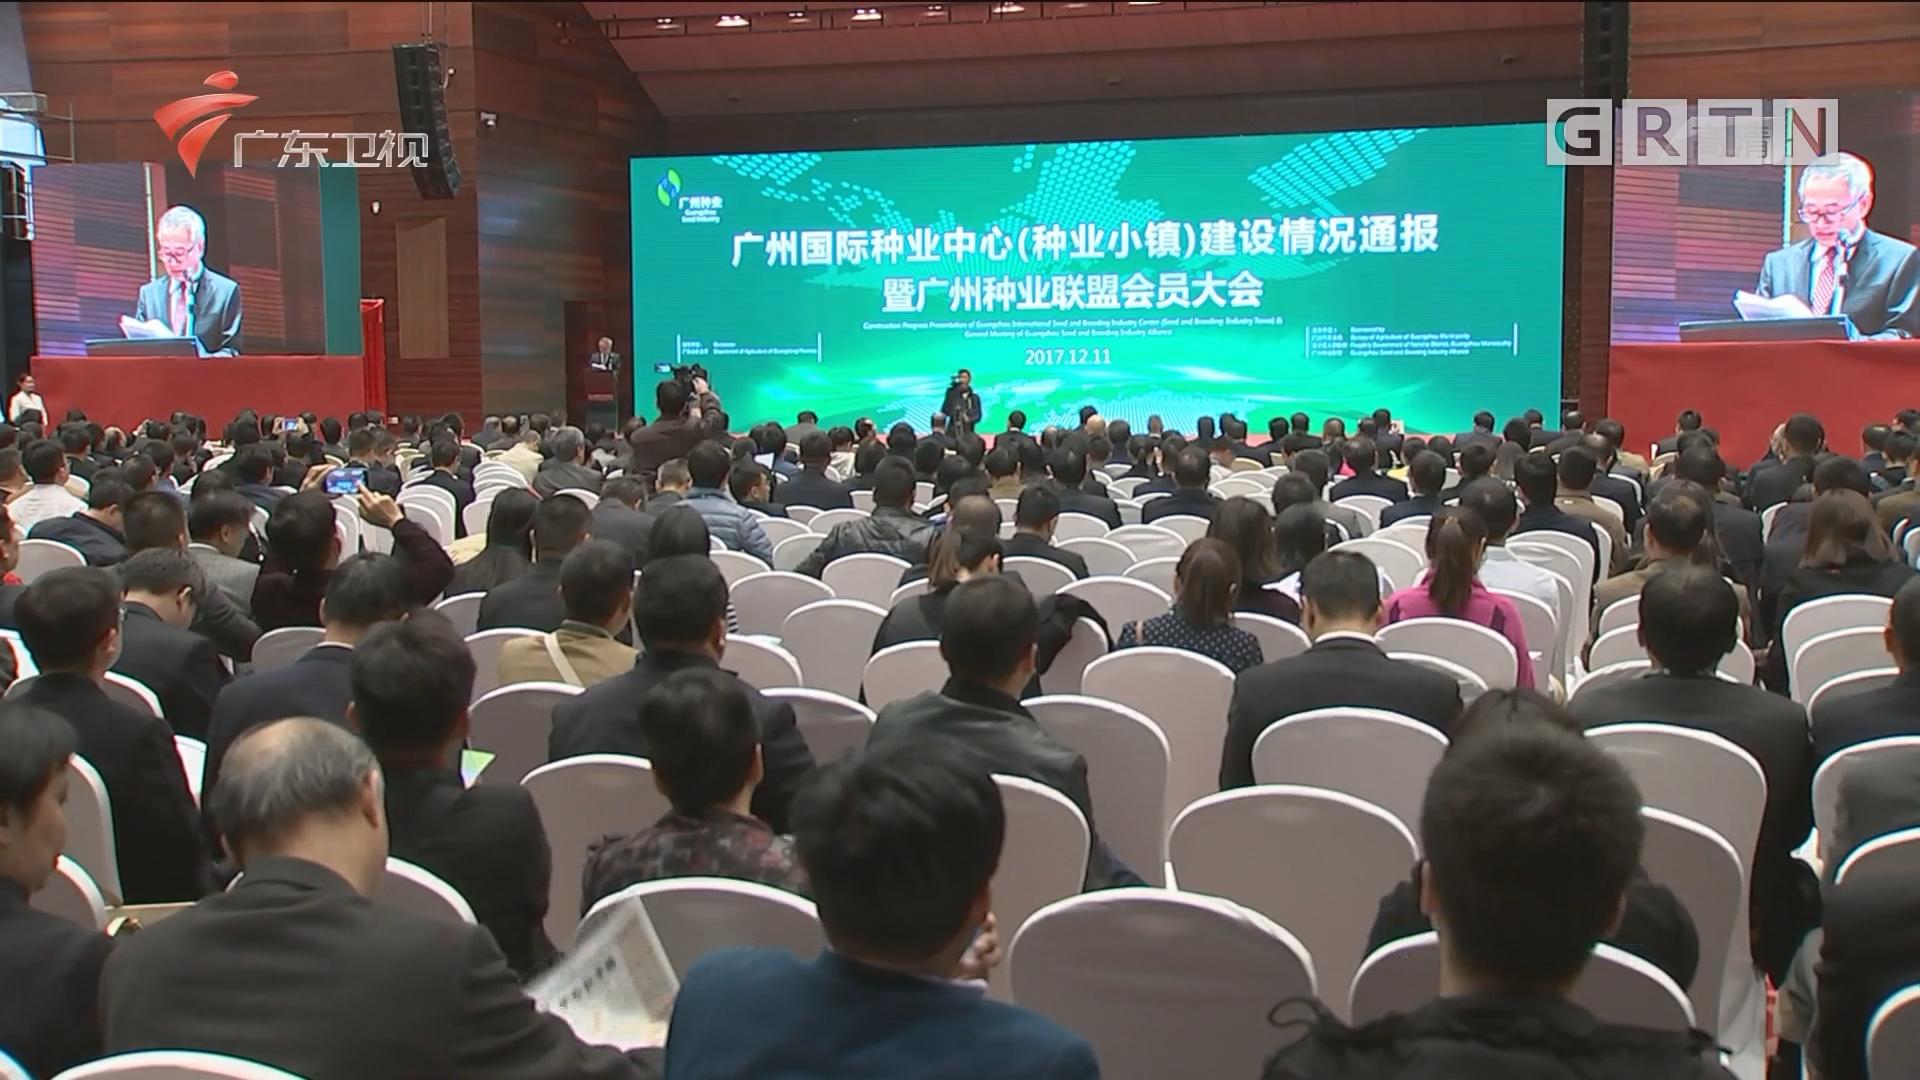 袁隆平等院士把脉献策广州农业种业发展